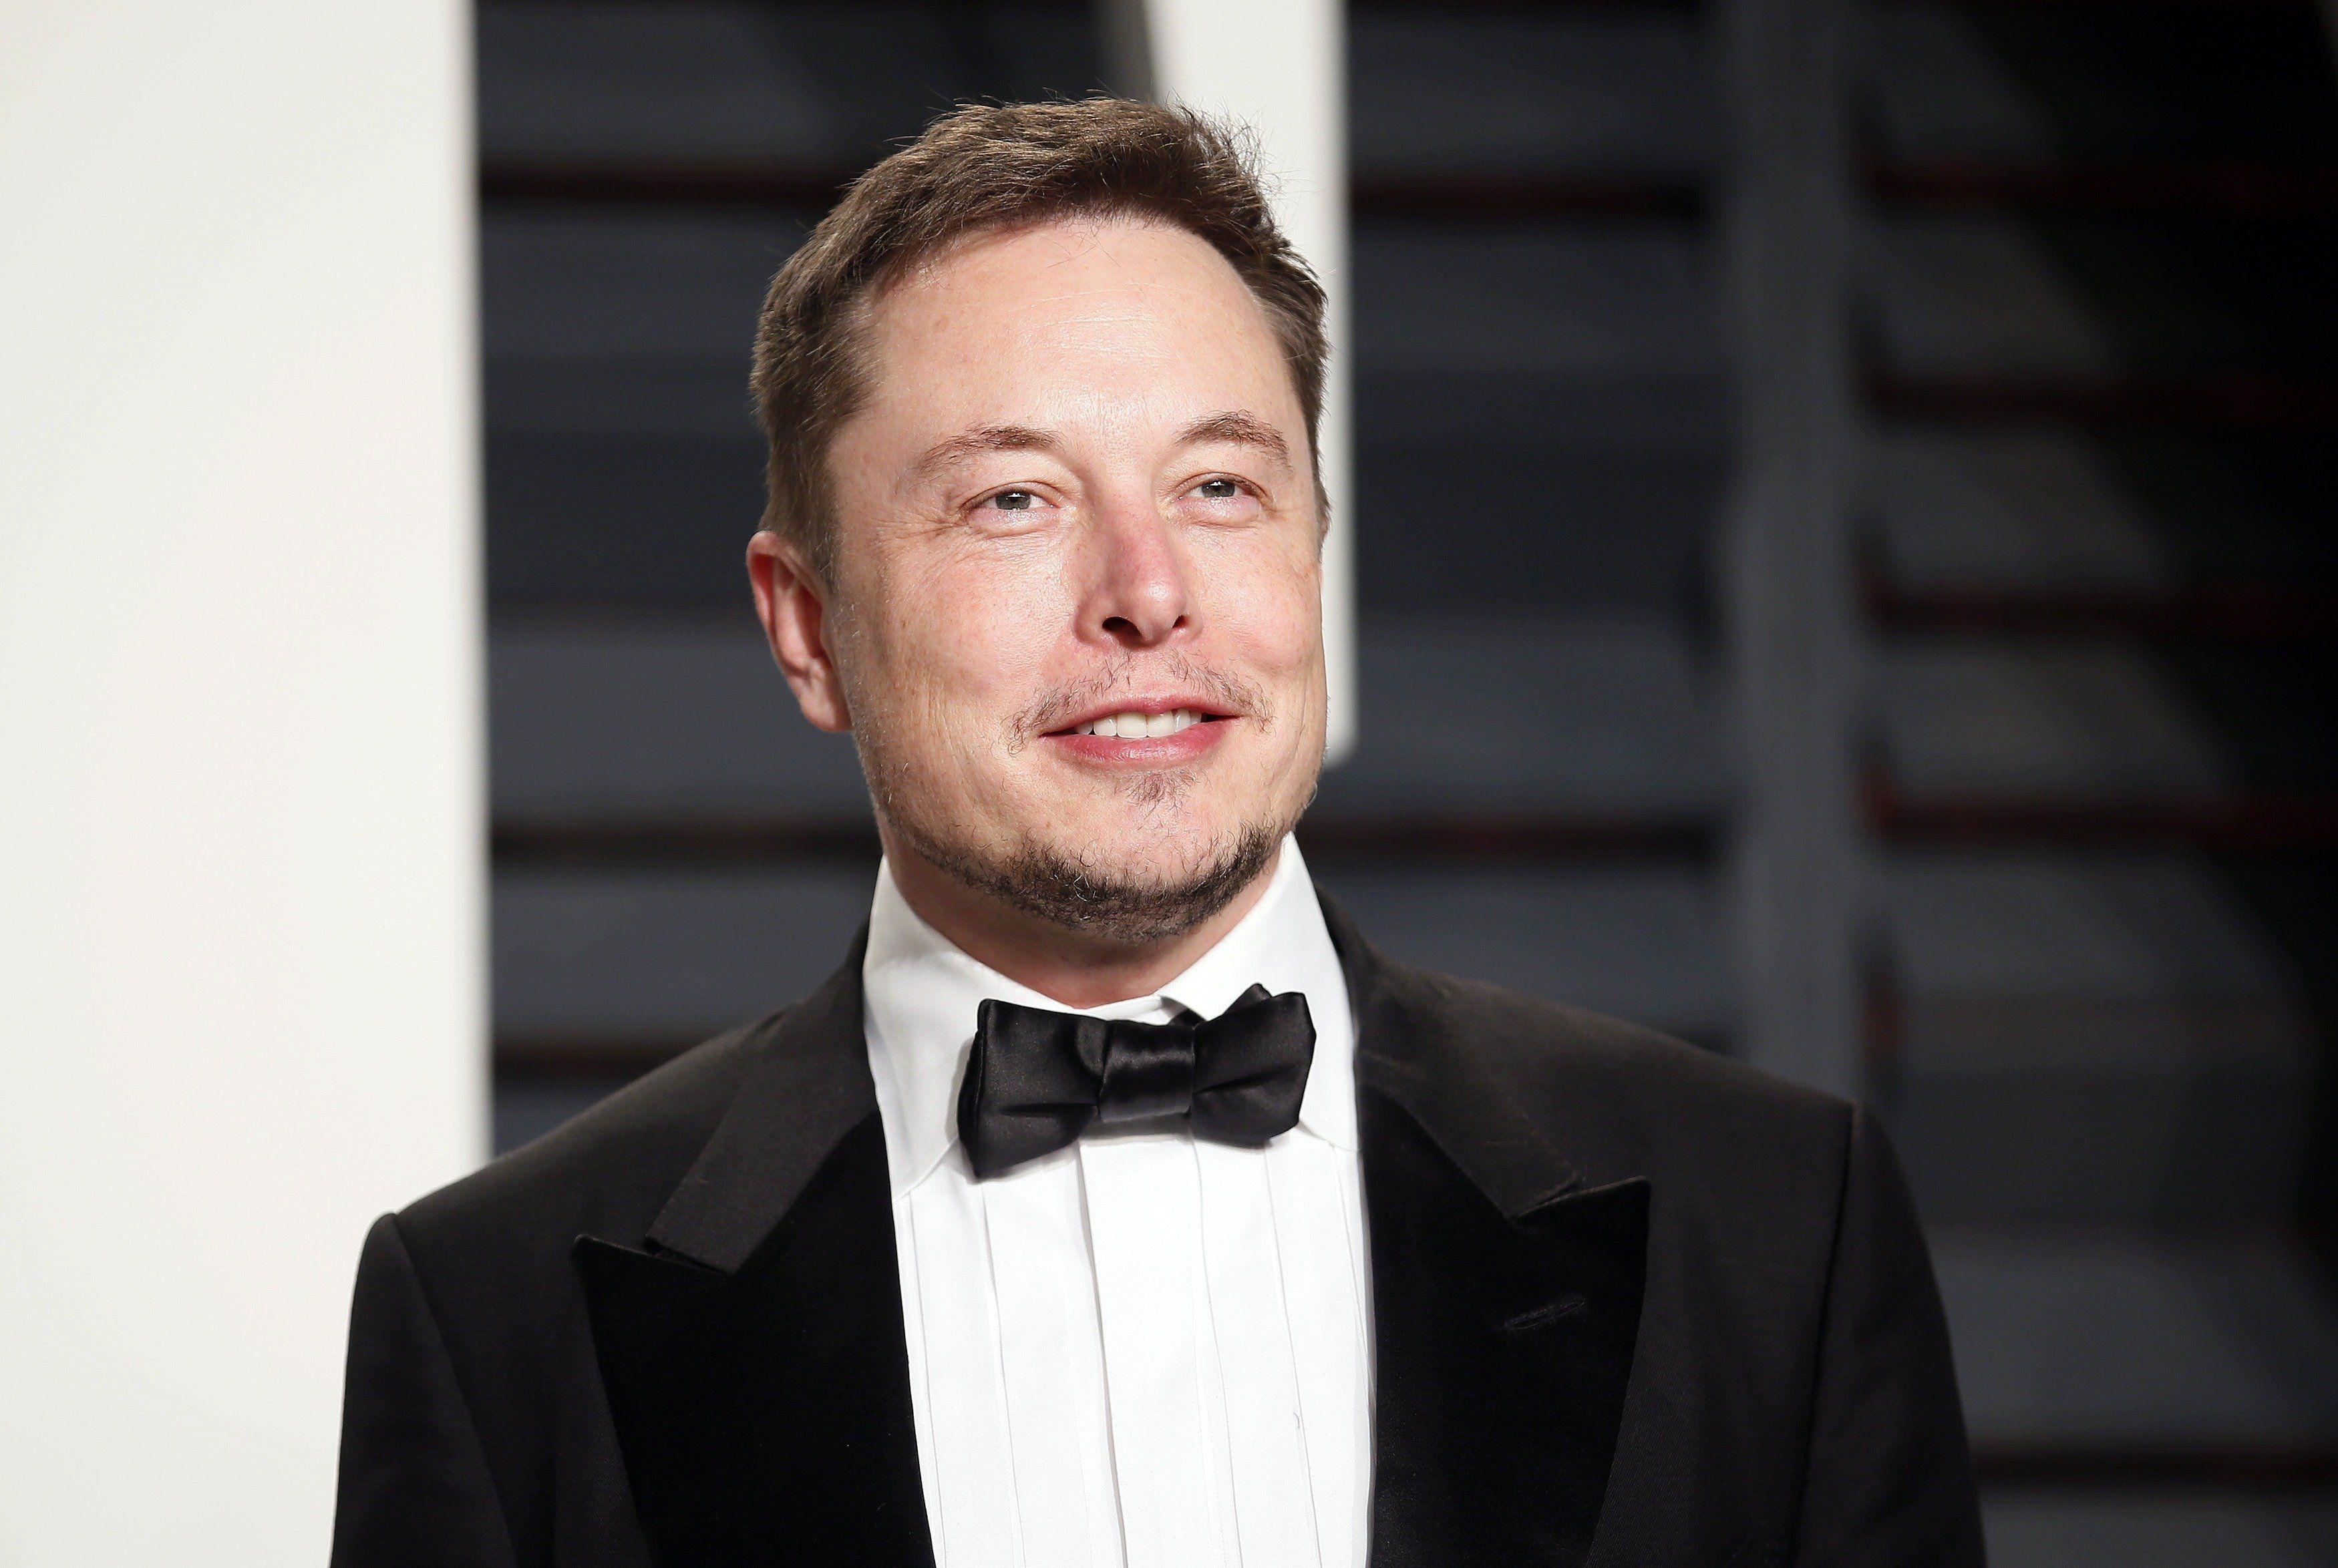 Илон Маск, глава Тесла и идейный вдохновитель автономного вождения